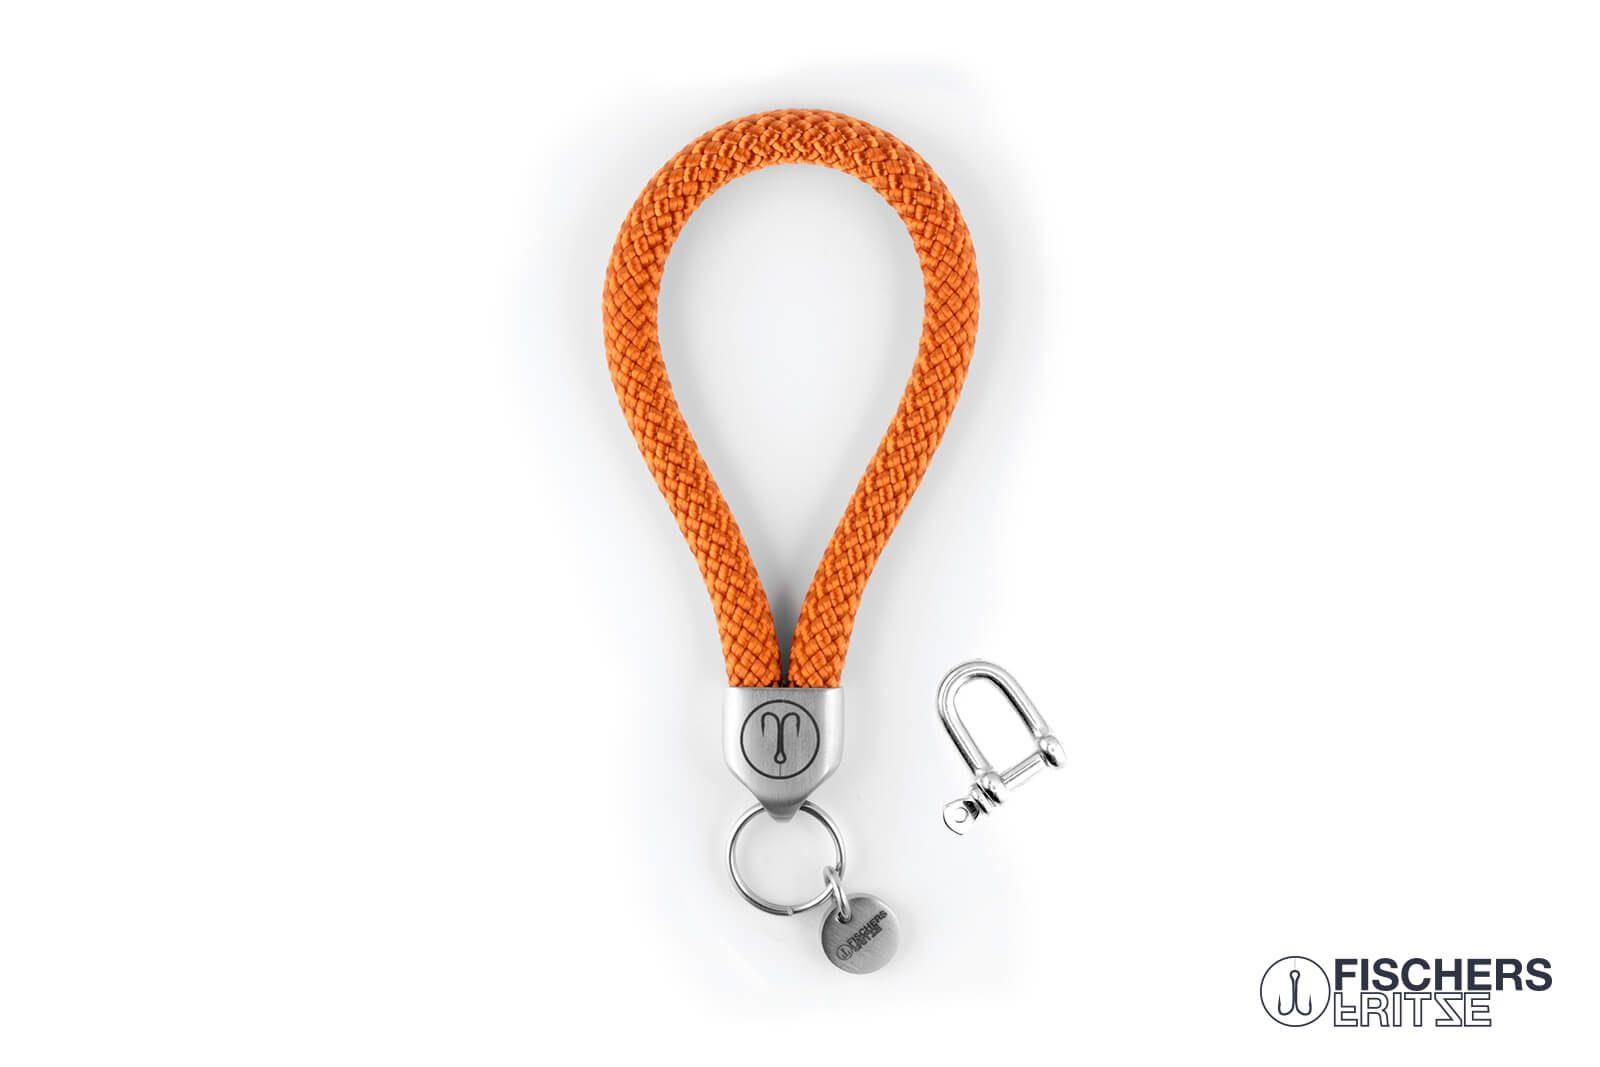 fischers fritze segeltau keychain schluesselanhaenger anker orange